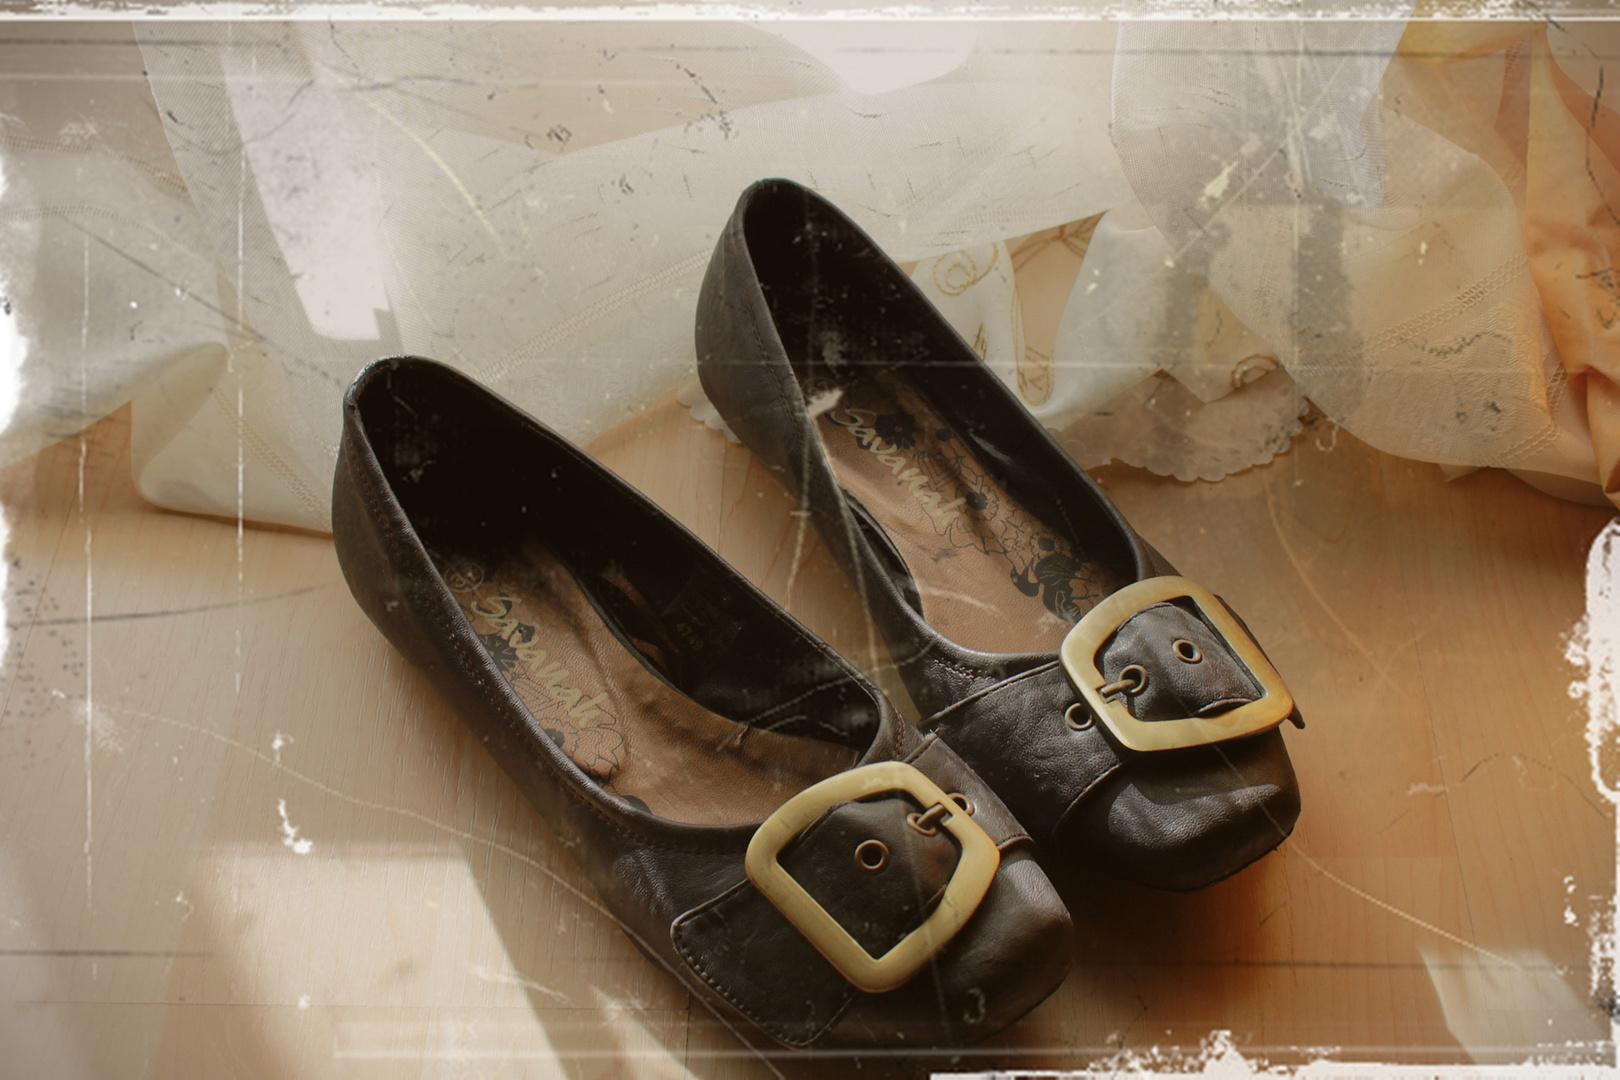 yo caminare descalza dejando pequeñas huellas imaginarias....